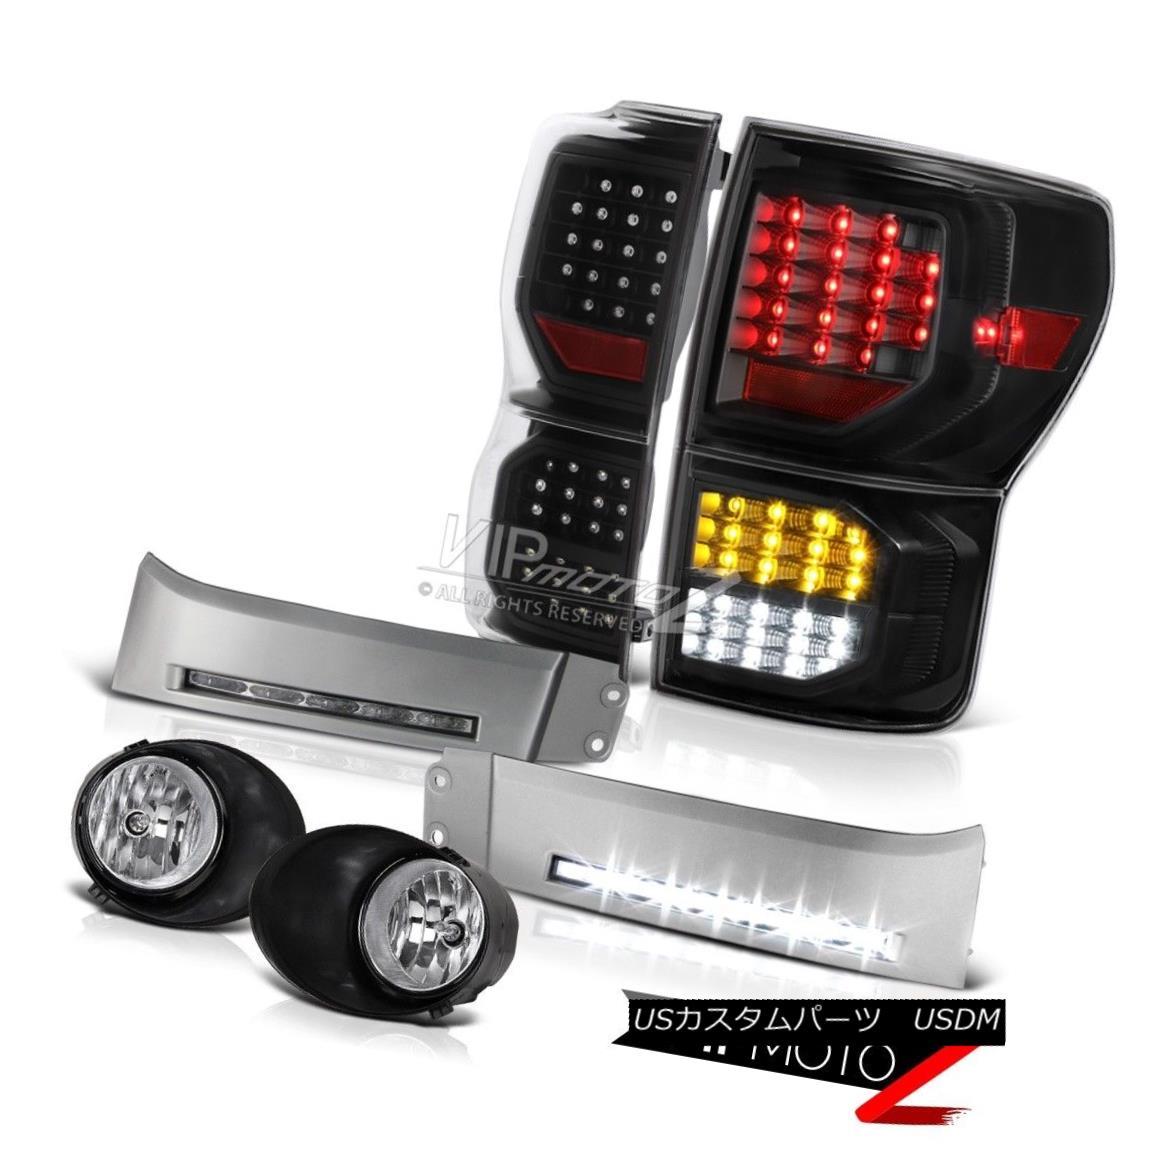 テールライト 07-13 Toyota Tundra SR5 Nighthawk Black Tail Brake Lamps Bumper DRL Foglights 07-13トヨタツンドラSR5ナイトホークブラックテールブレーキランプバンパーDRLフォグライト